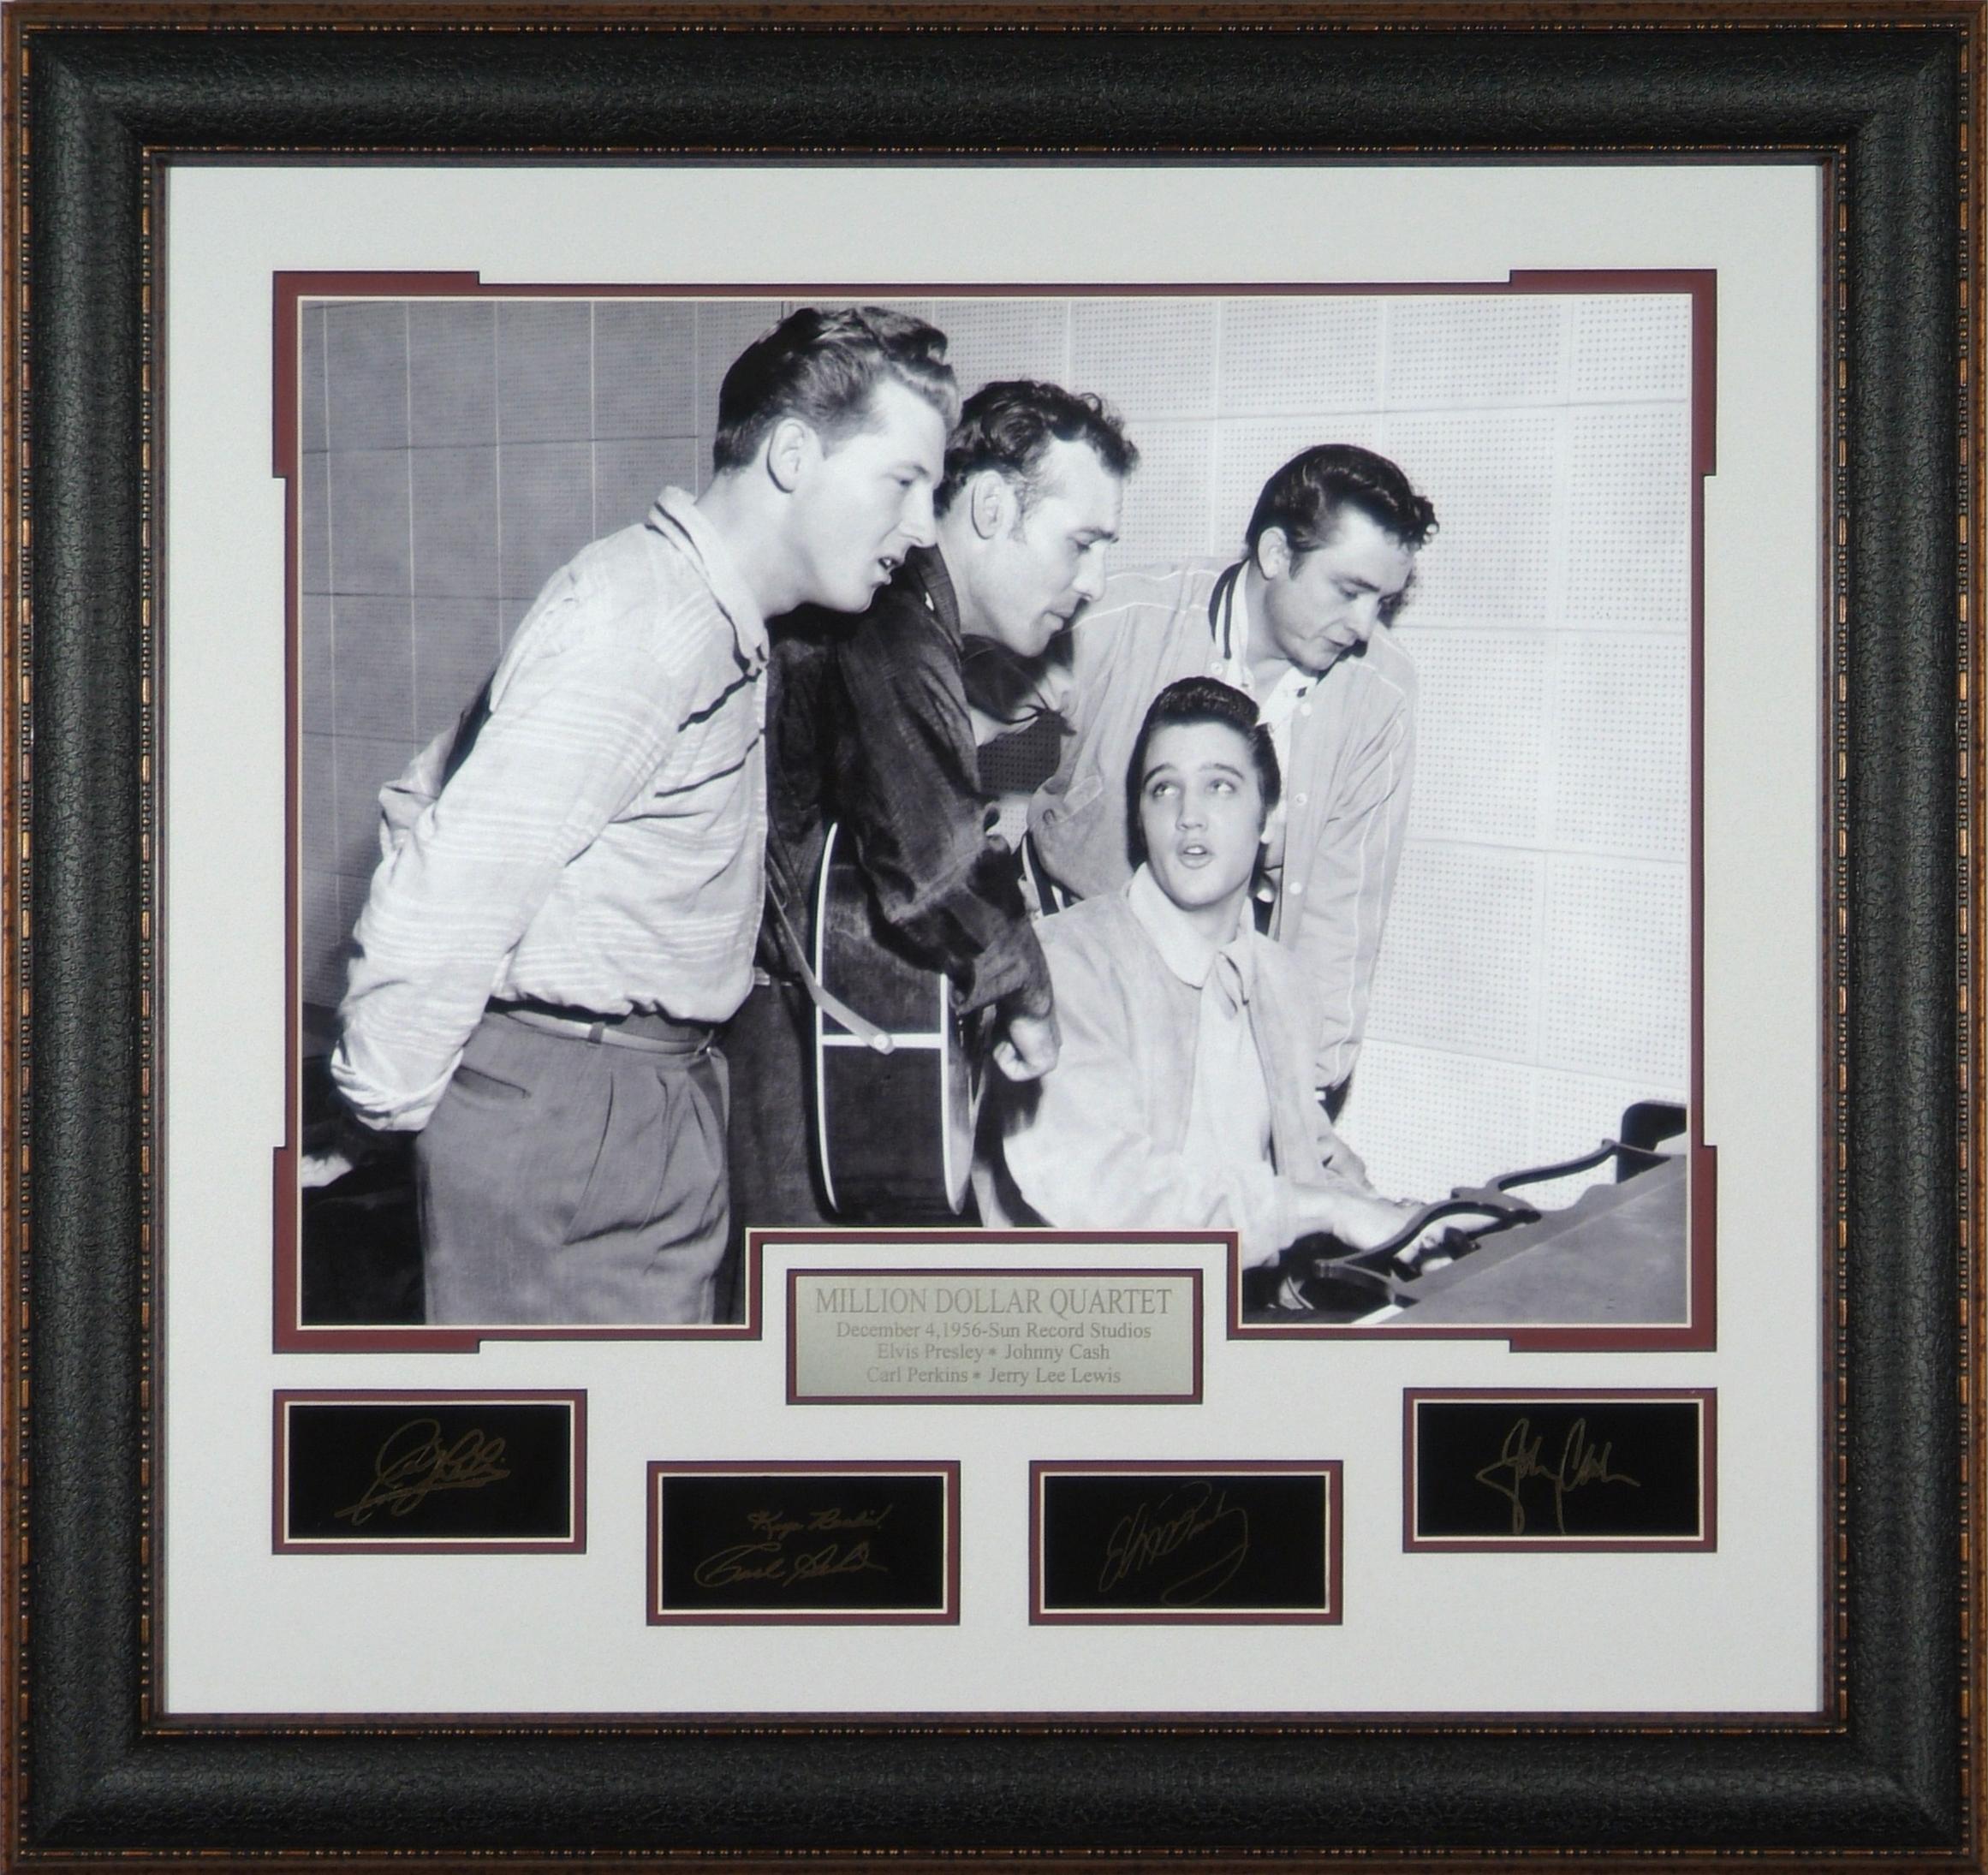 Million Dollar Quartet Laser Autographed Framed Photo